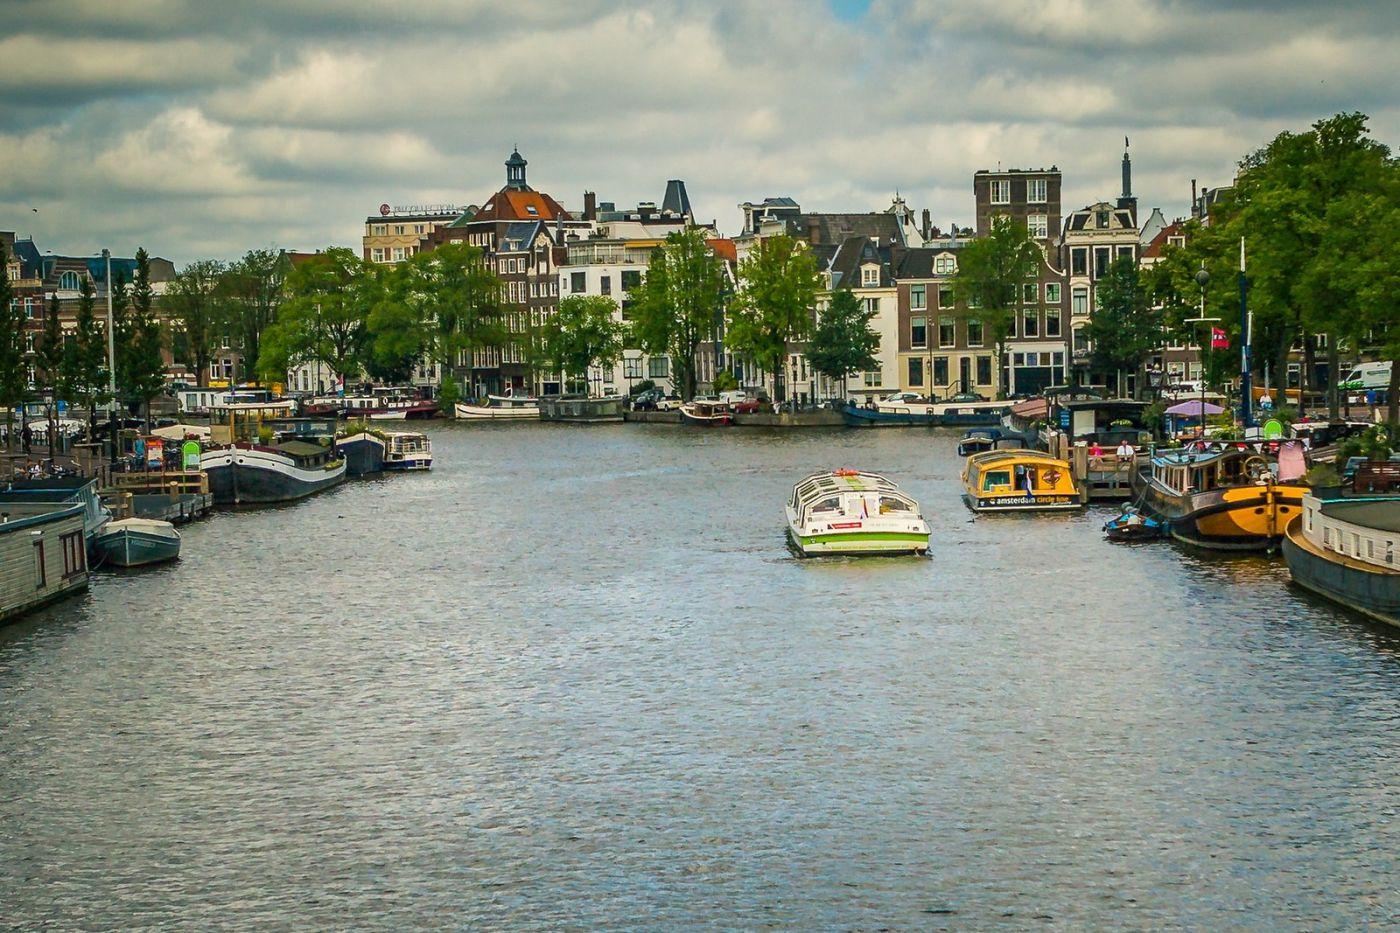 荷兰阿姆斯特丹,穿梭的自行车_图1-26